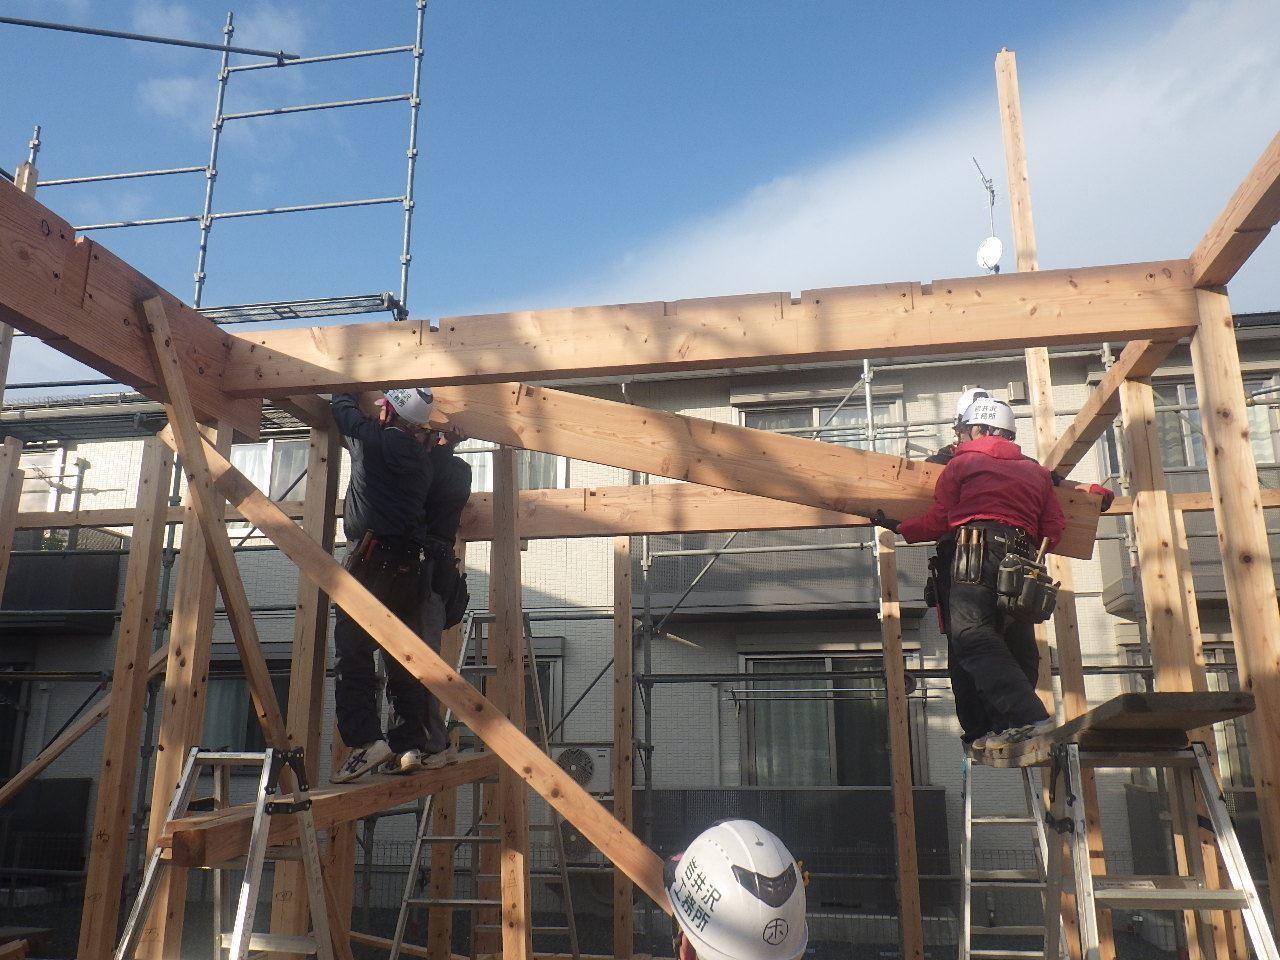 下太田 古材新築の家 建て方作業スタート!_f0105112_04355130.jpg